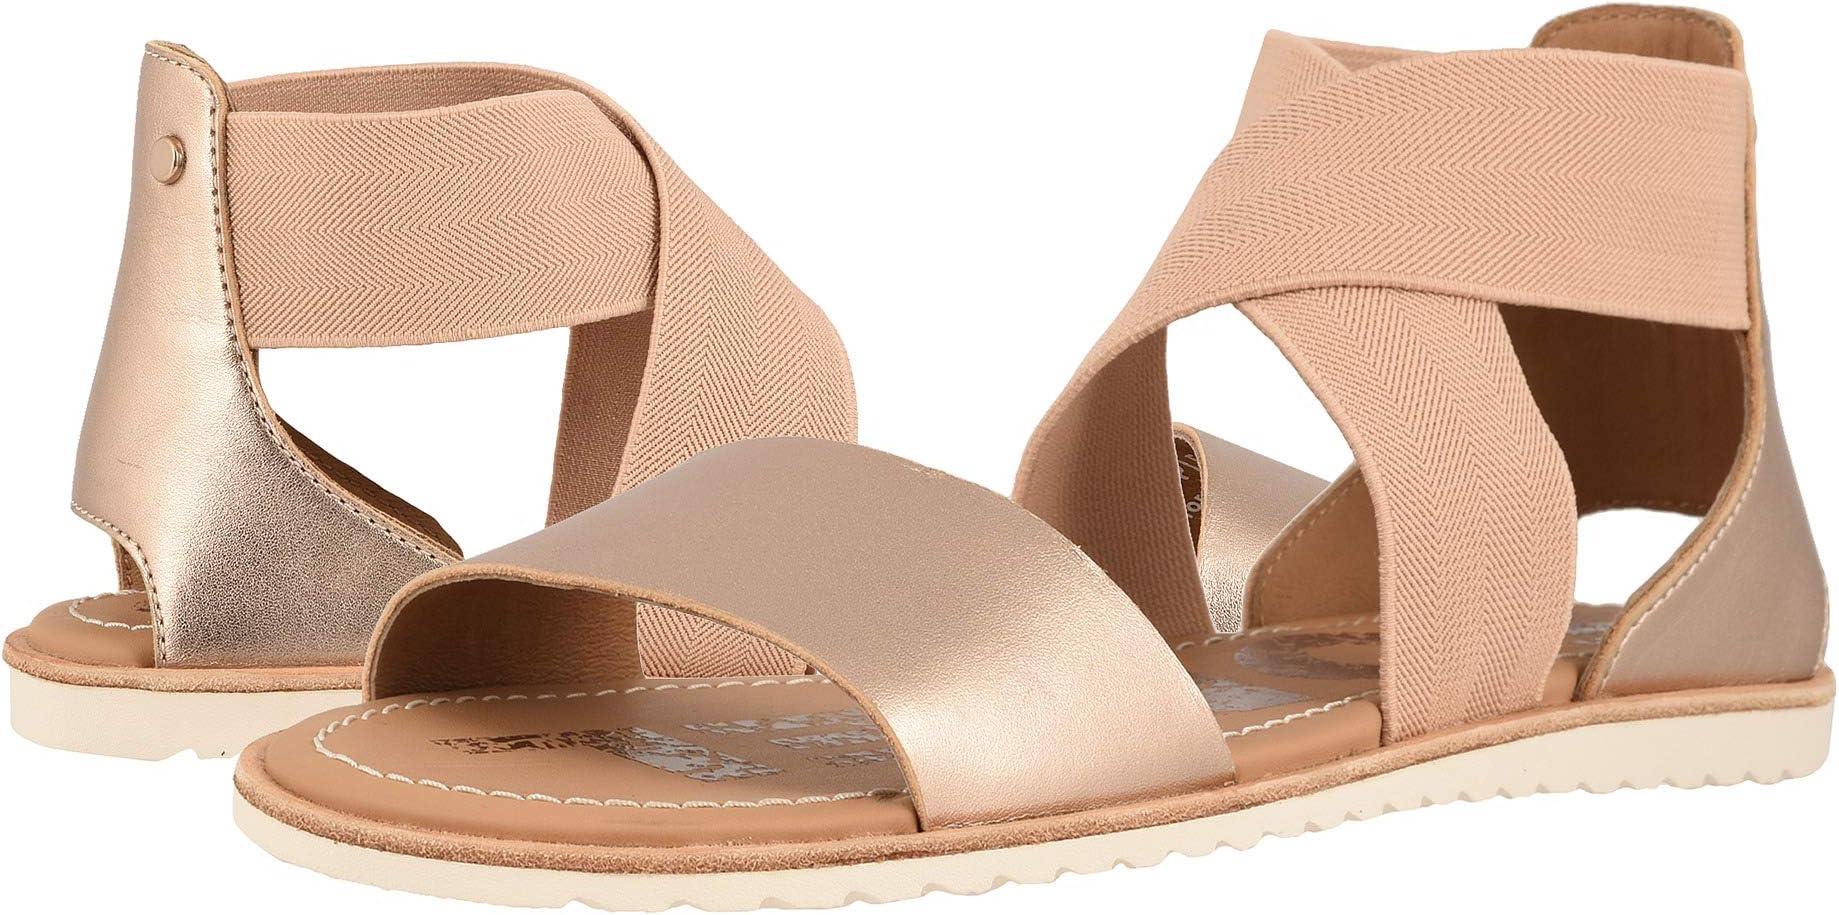 Sorel Flats Sandals